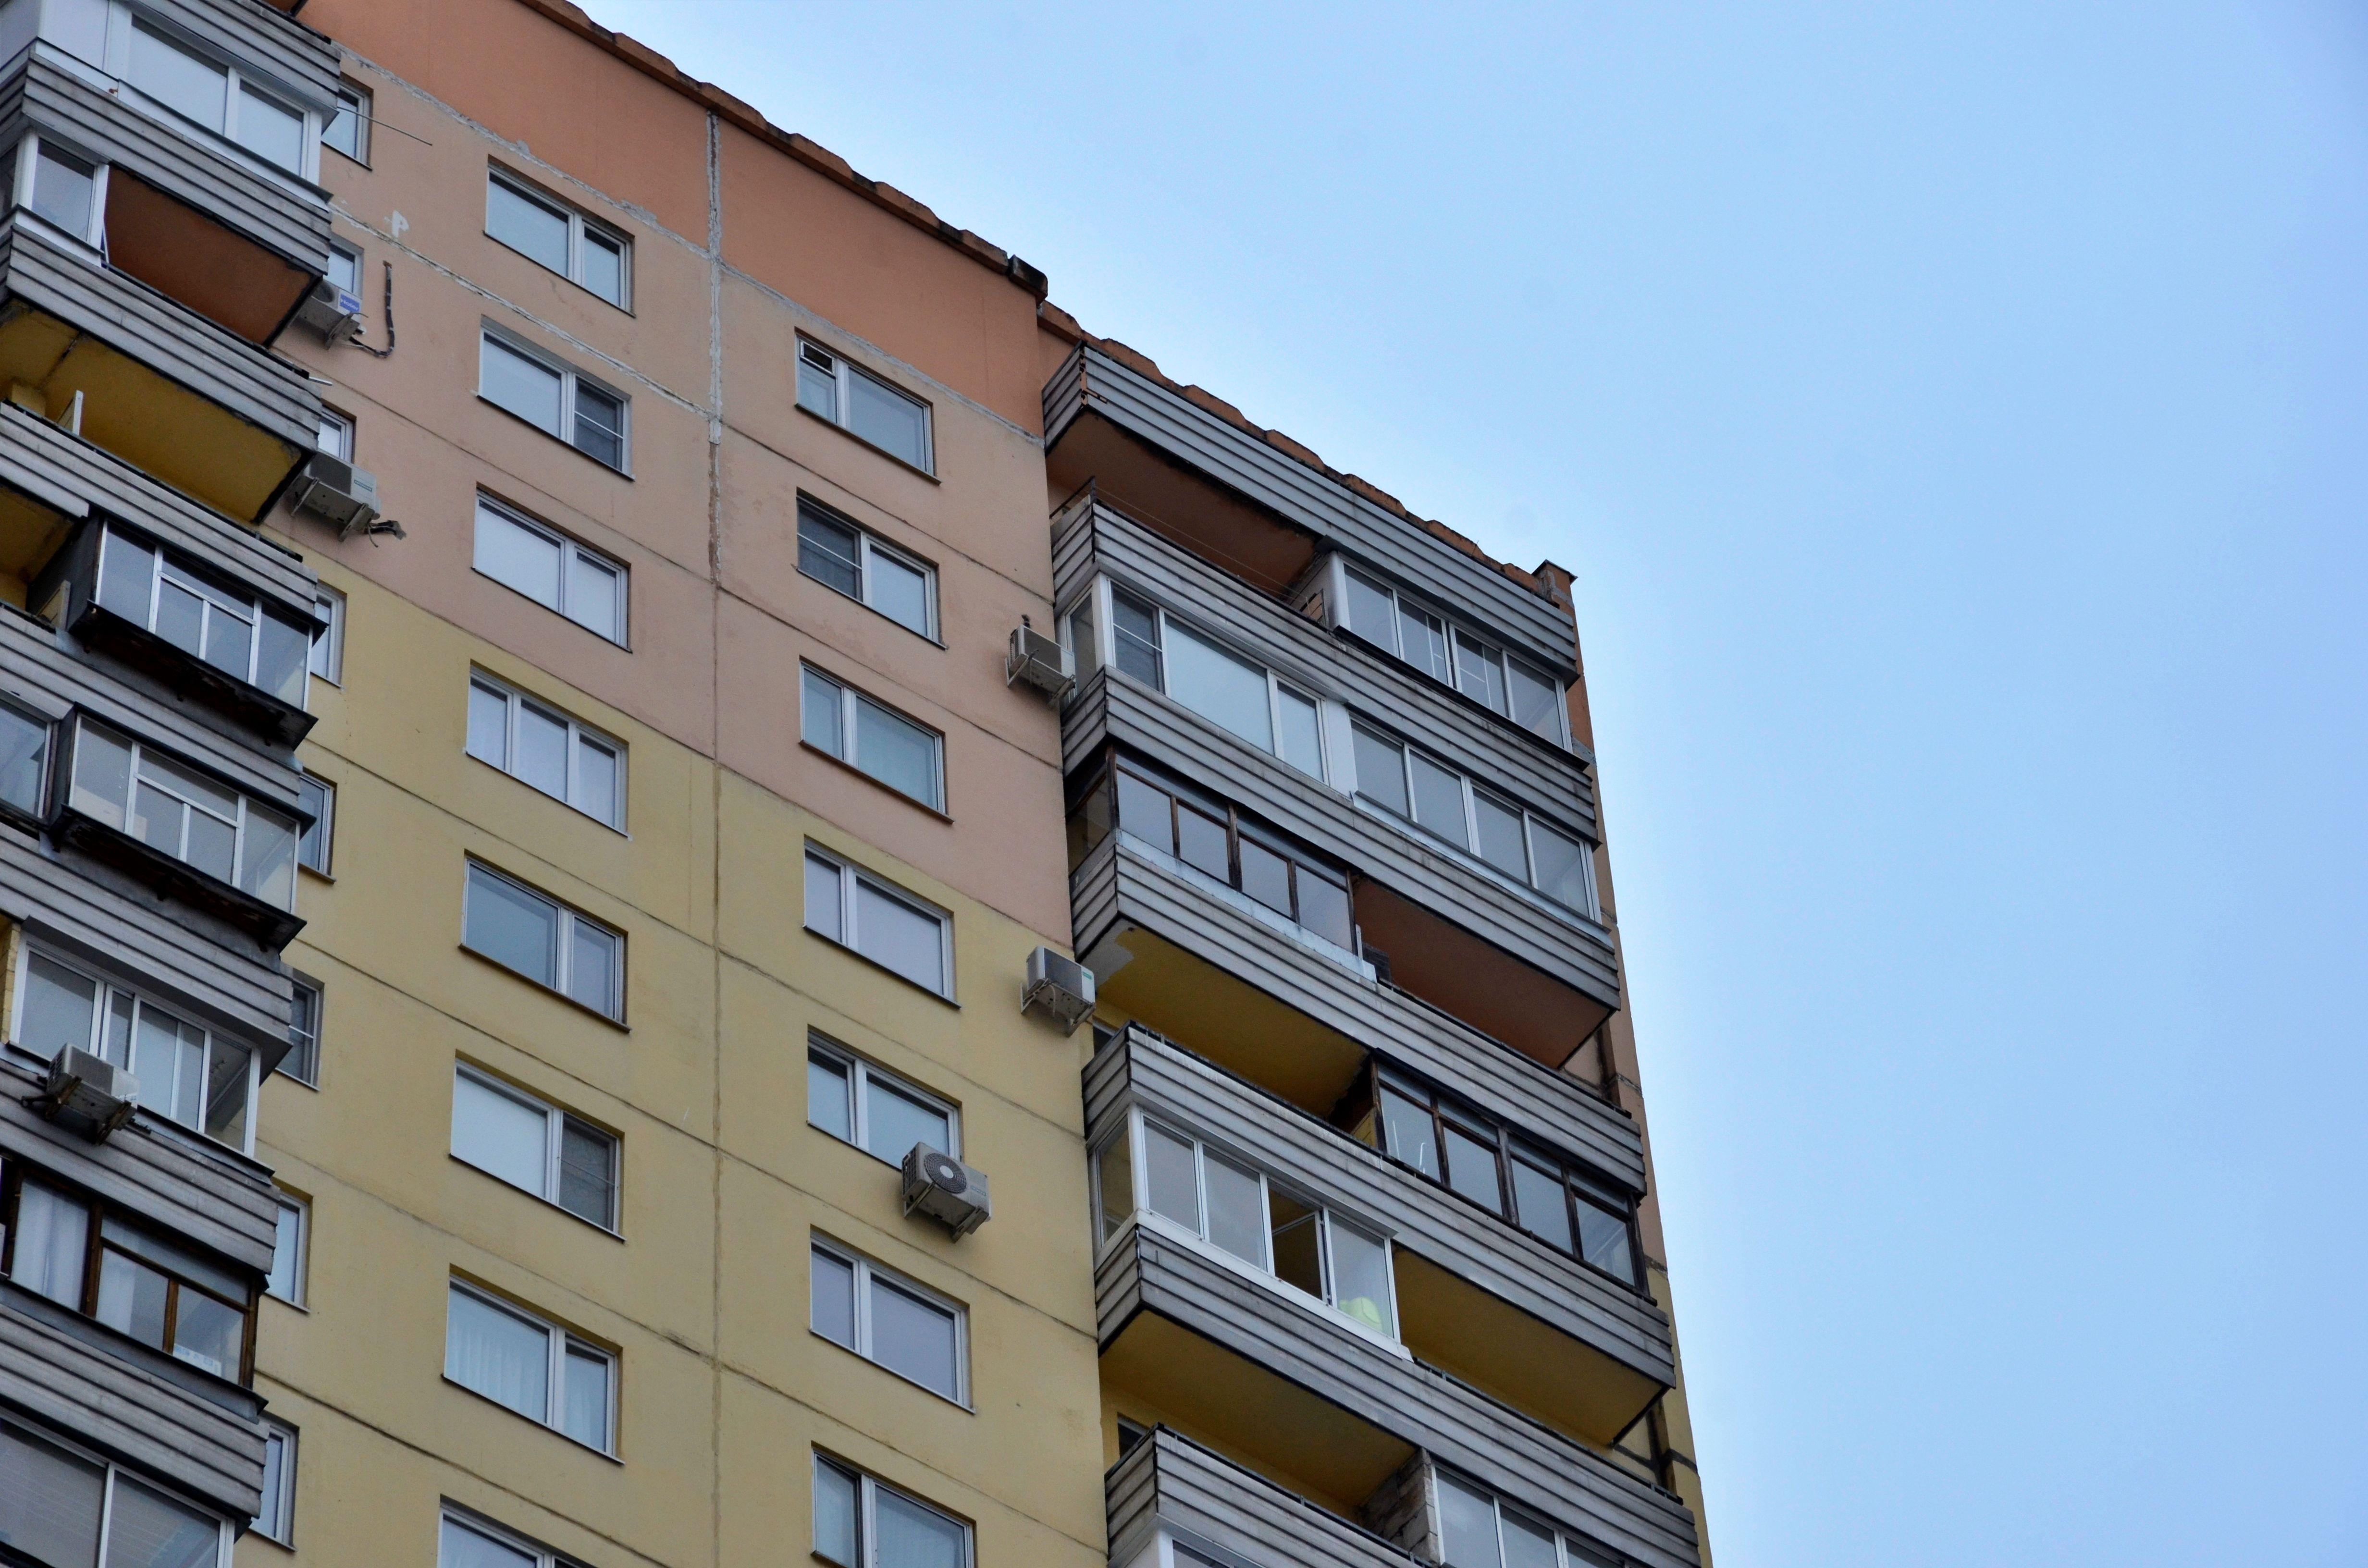 Чердаки и подвалы проверили в домах Кленовского